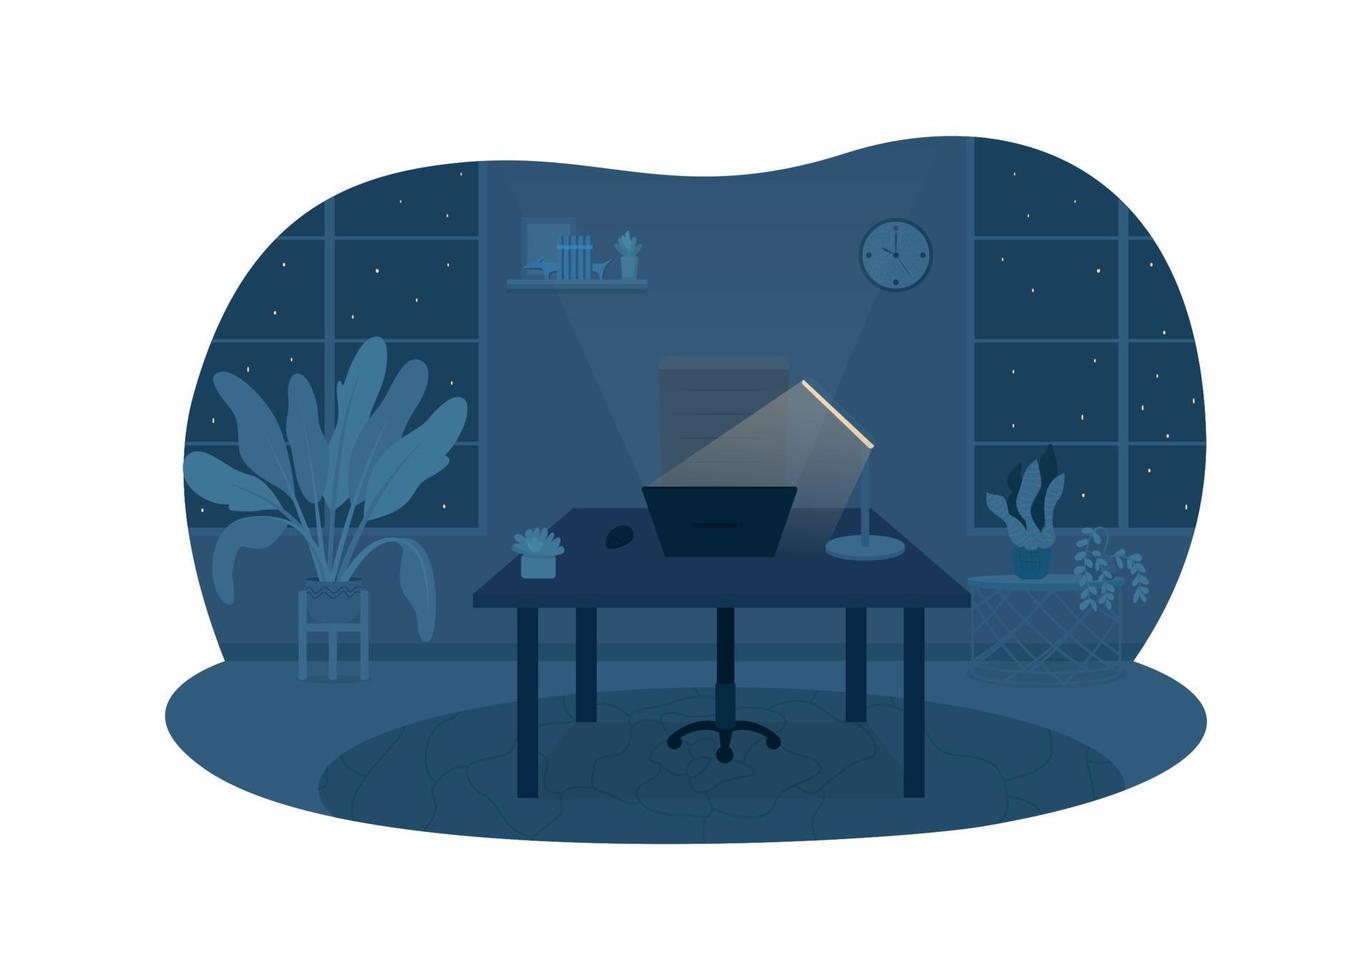 bureau indépendant dans la nuit bannière web vecteur 2d, affiche